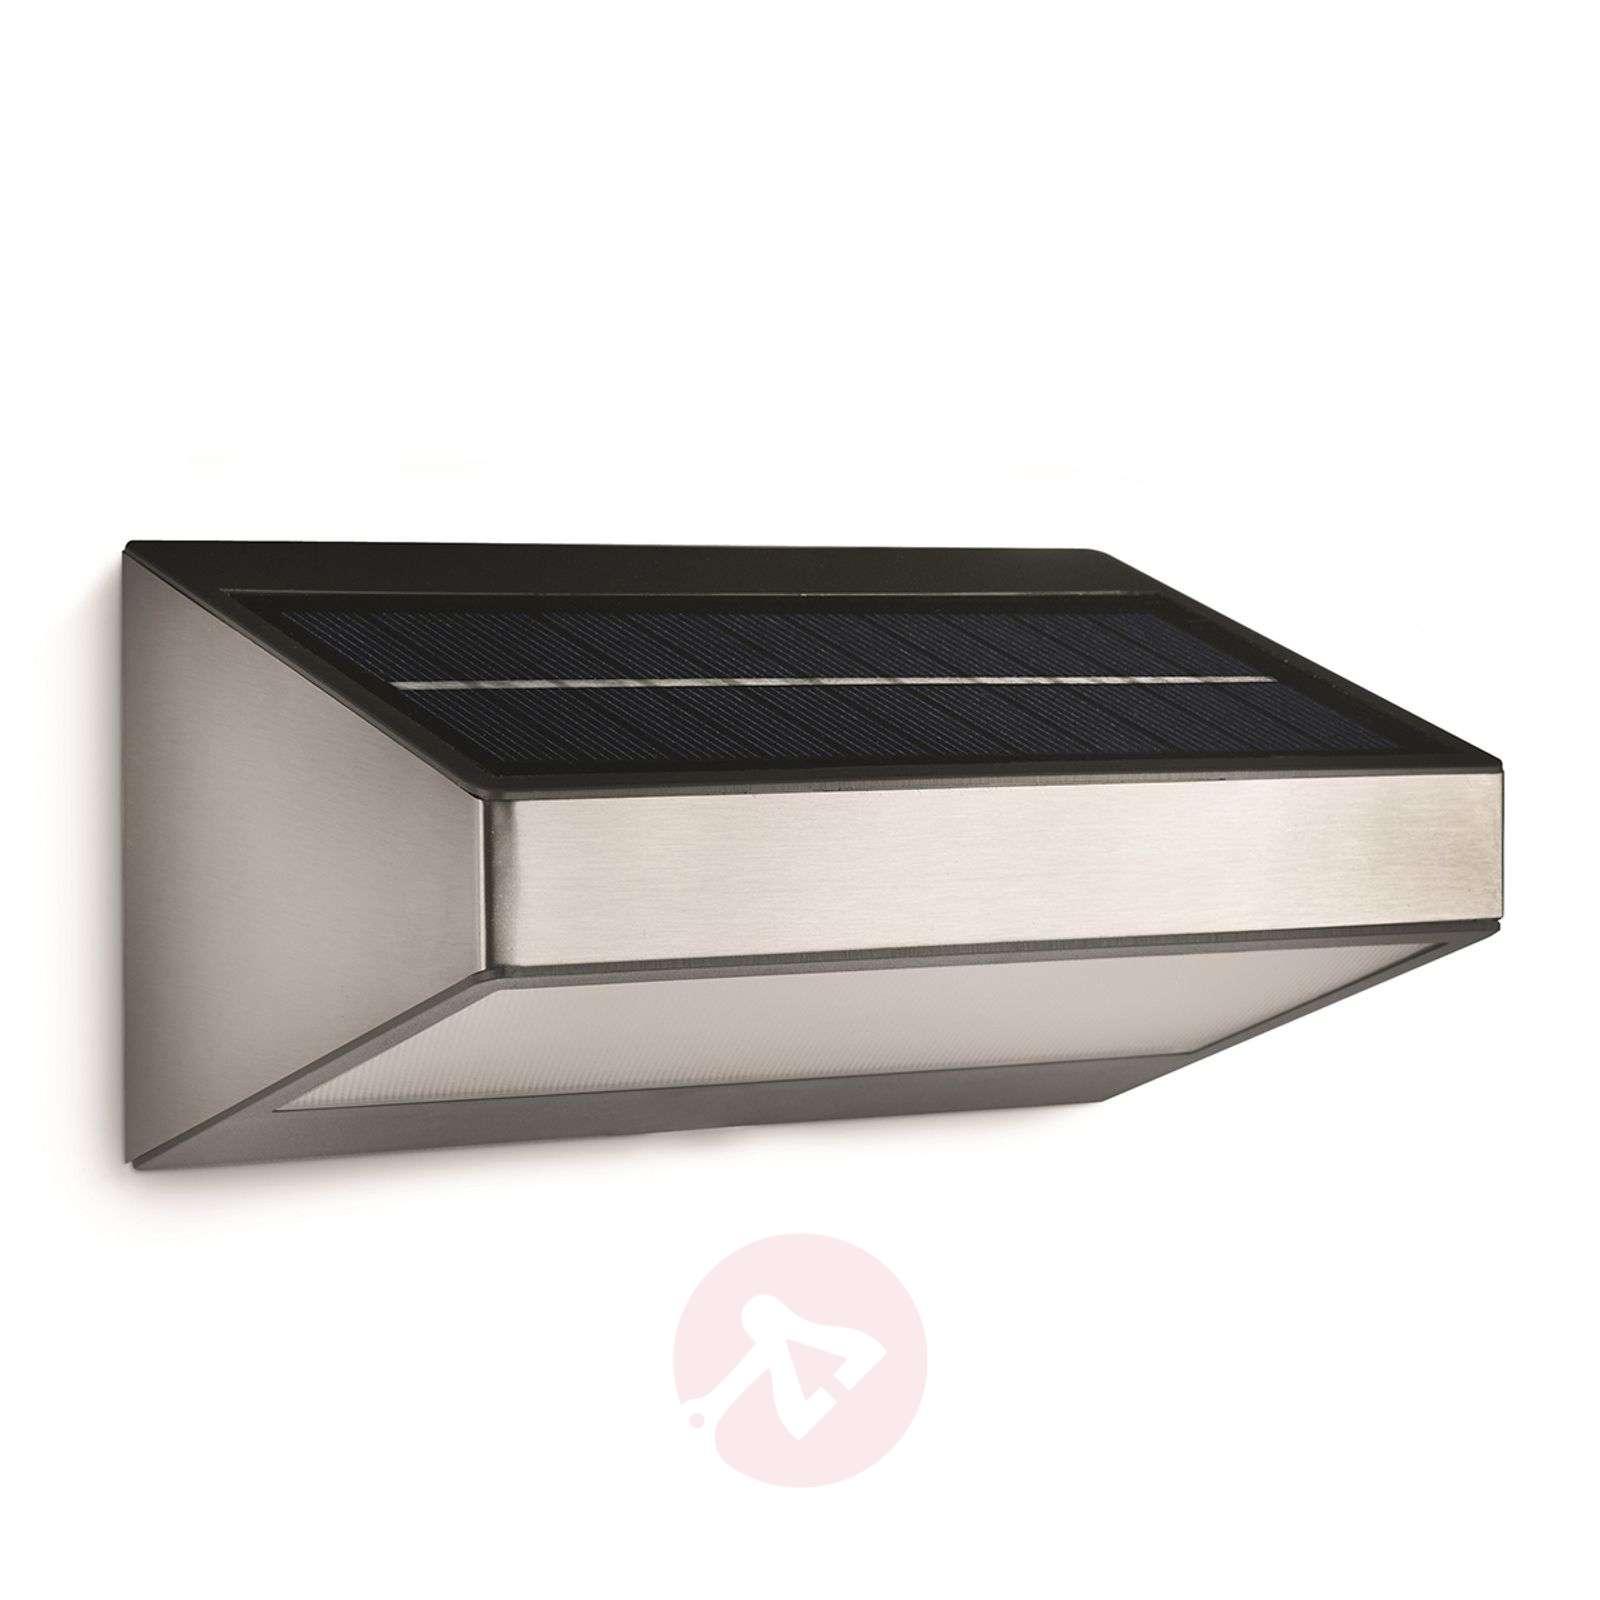 Greenhouse-LED-ulkoseinävalo aurinkok. ruost. ter.-7531554-01